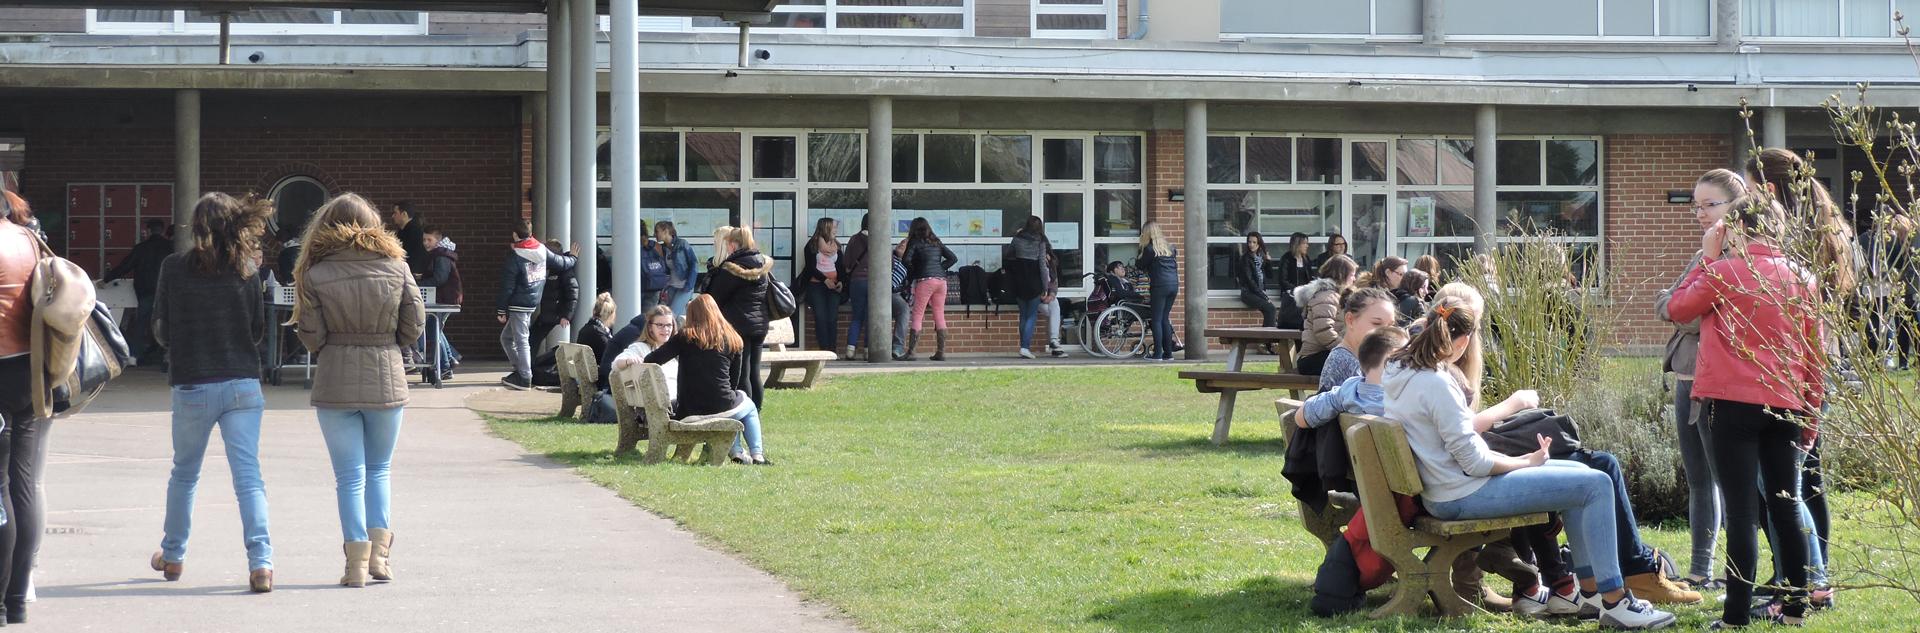 ensemble-scolaire-prive-saint-antoine-sainte-sophie